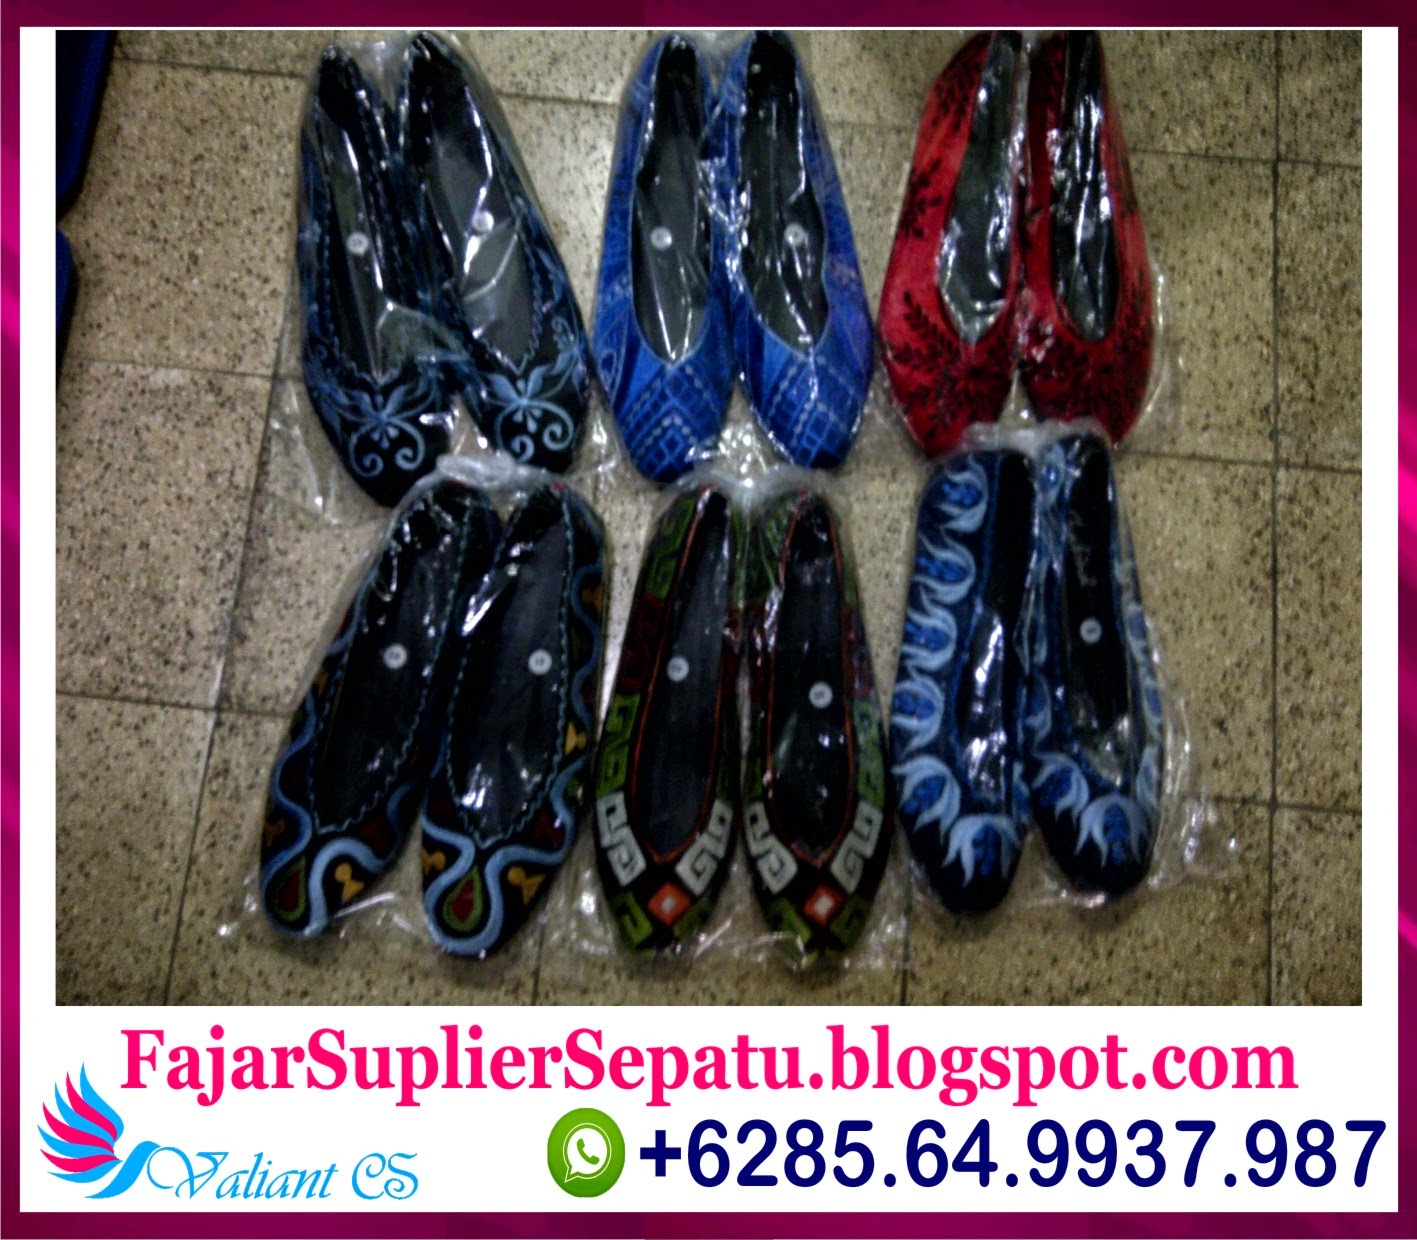 Sepatu Bordir Murah, Toko Sepatu Wanita Murah, Toko Sepatu Wanita Murah Online, +62.8564.993.7987